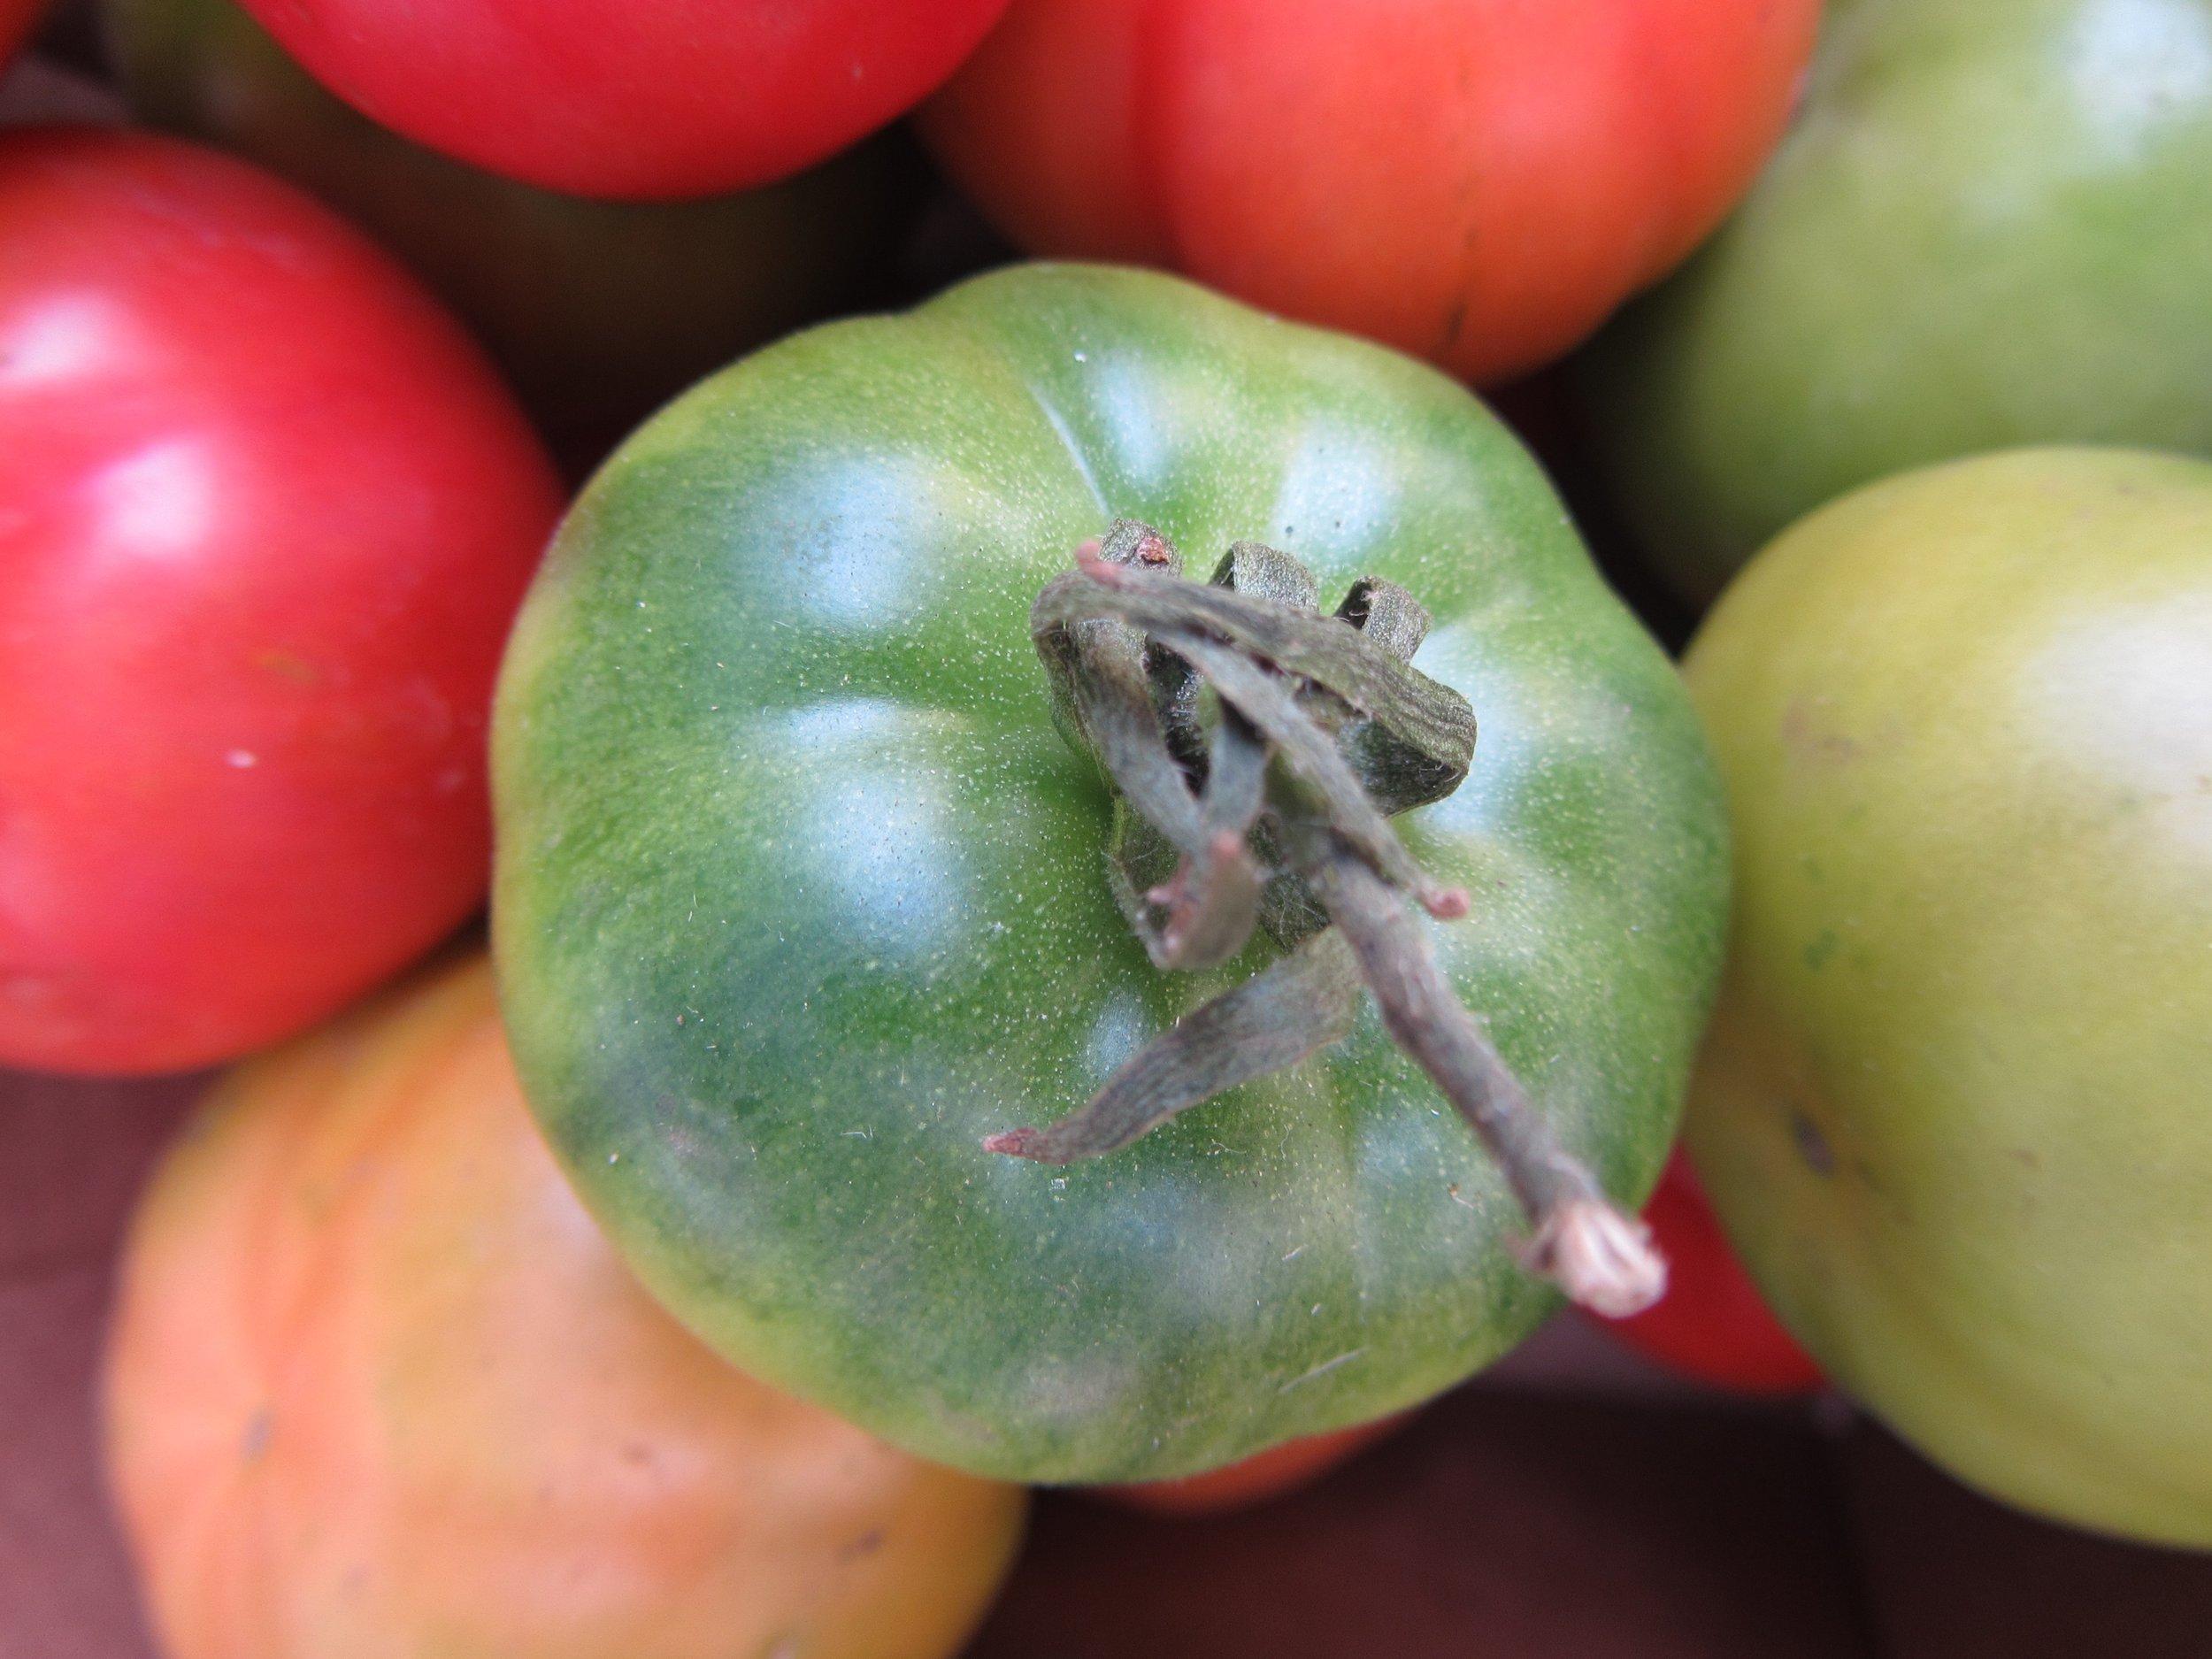 grüne Tomate.jpg